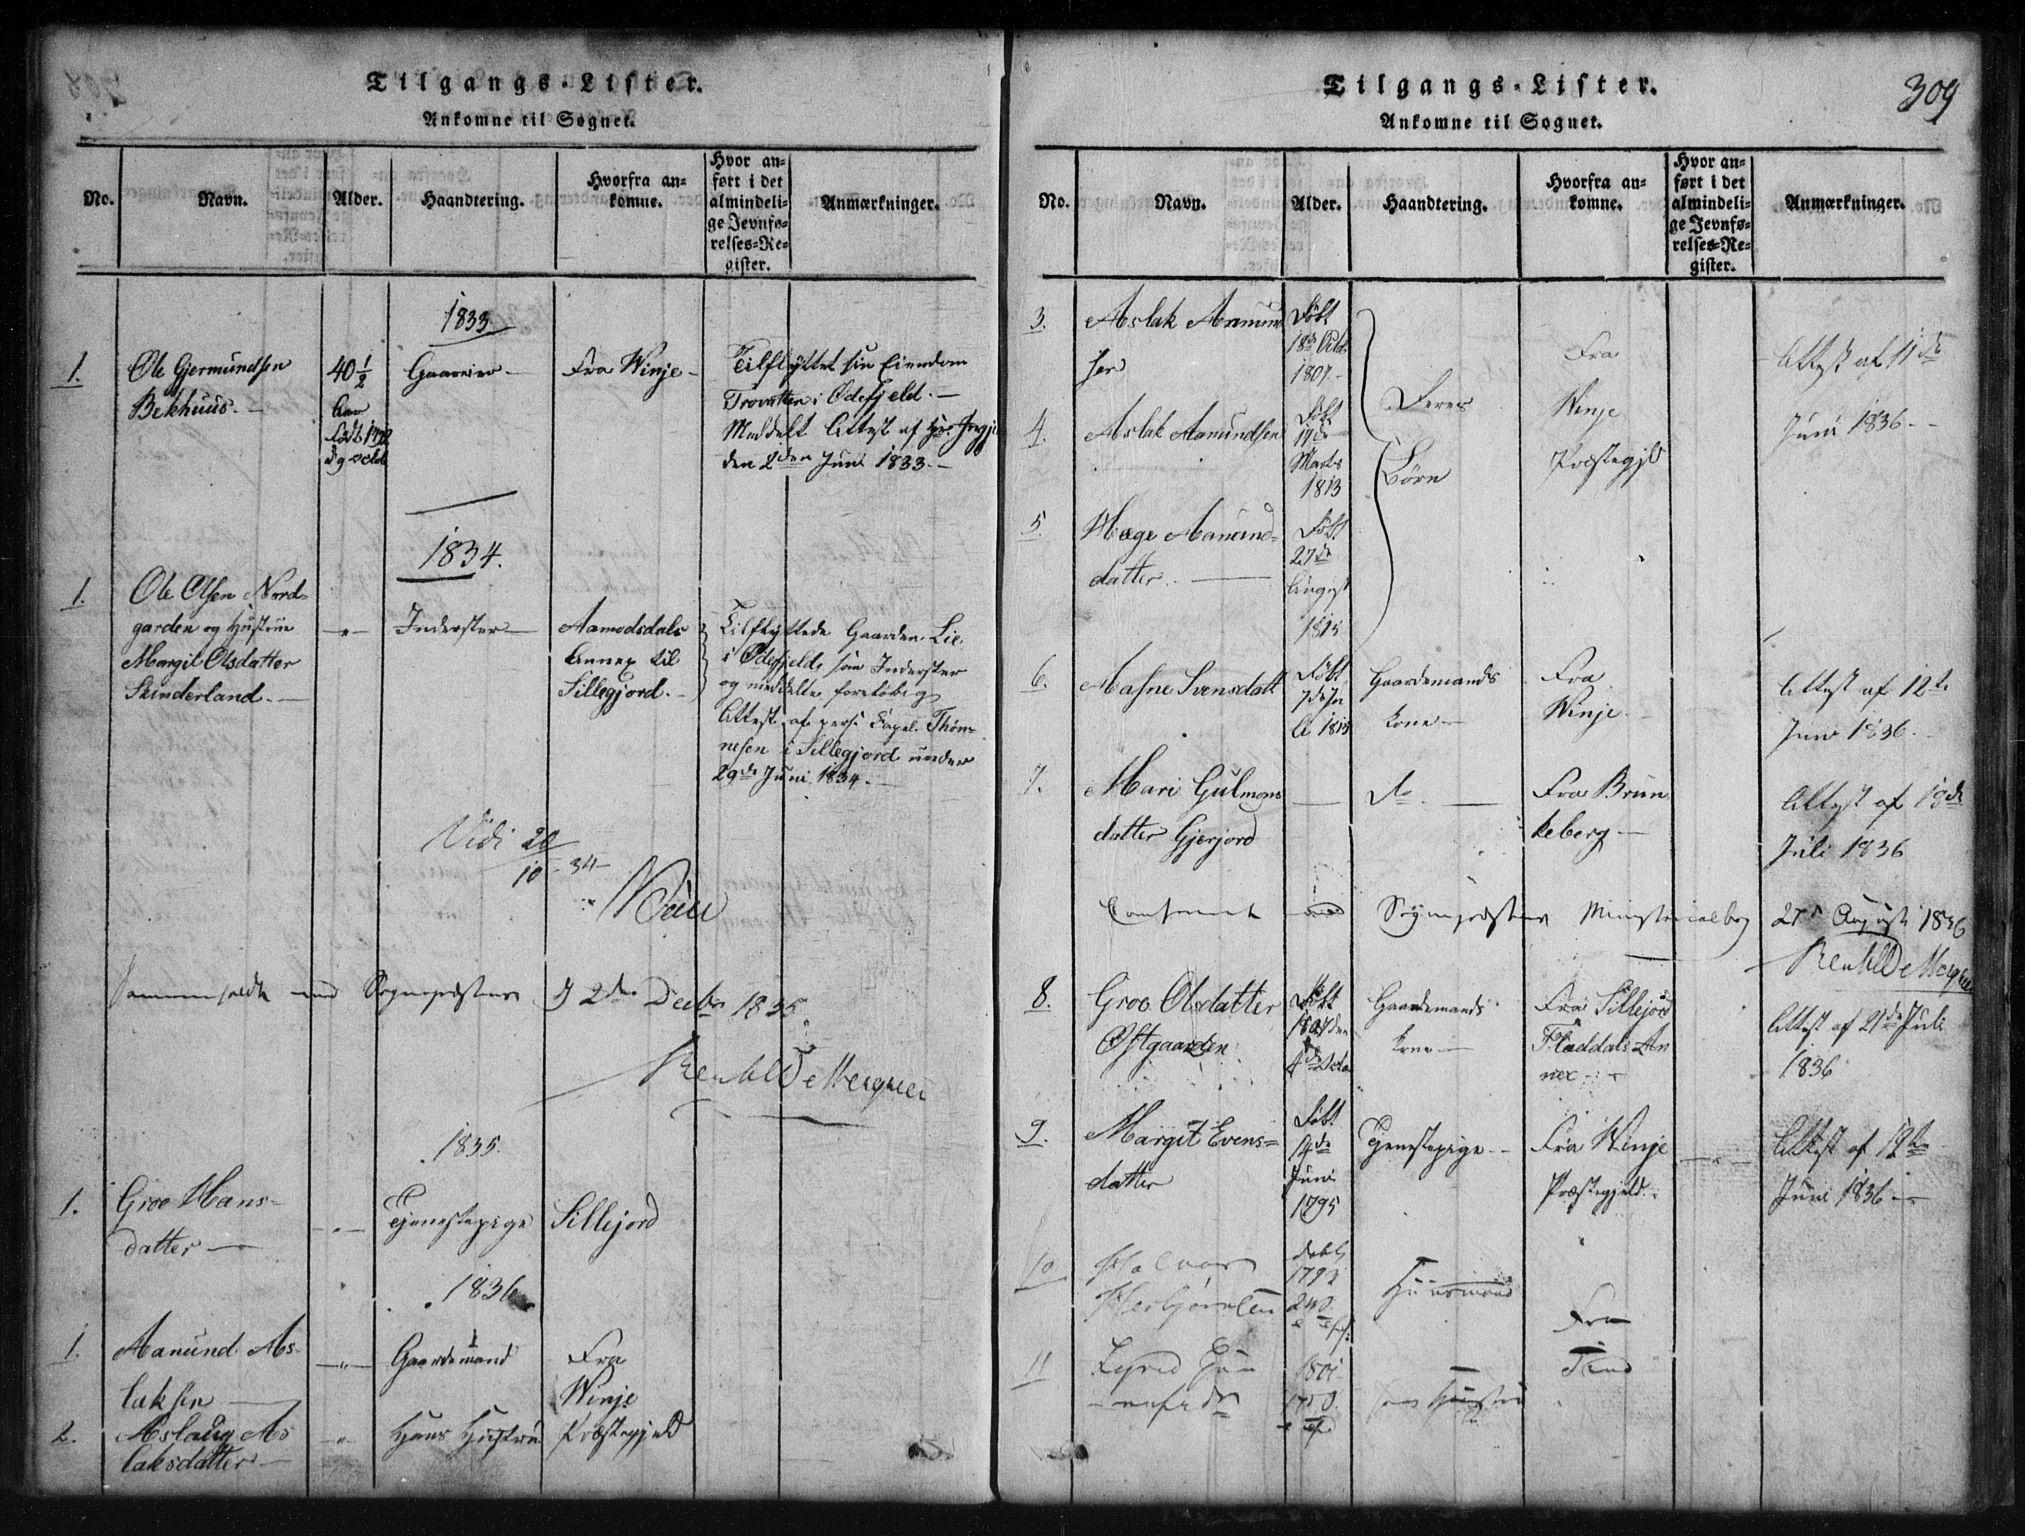 SAKO, Rauland kirkebøker, G/Gb/L0001: Klokkerbok nr. II 1, 1815-1886, s. 309